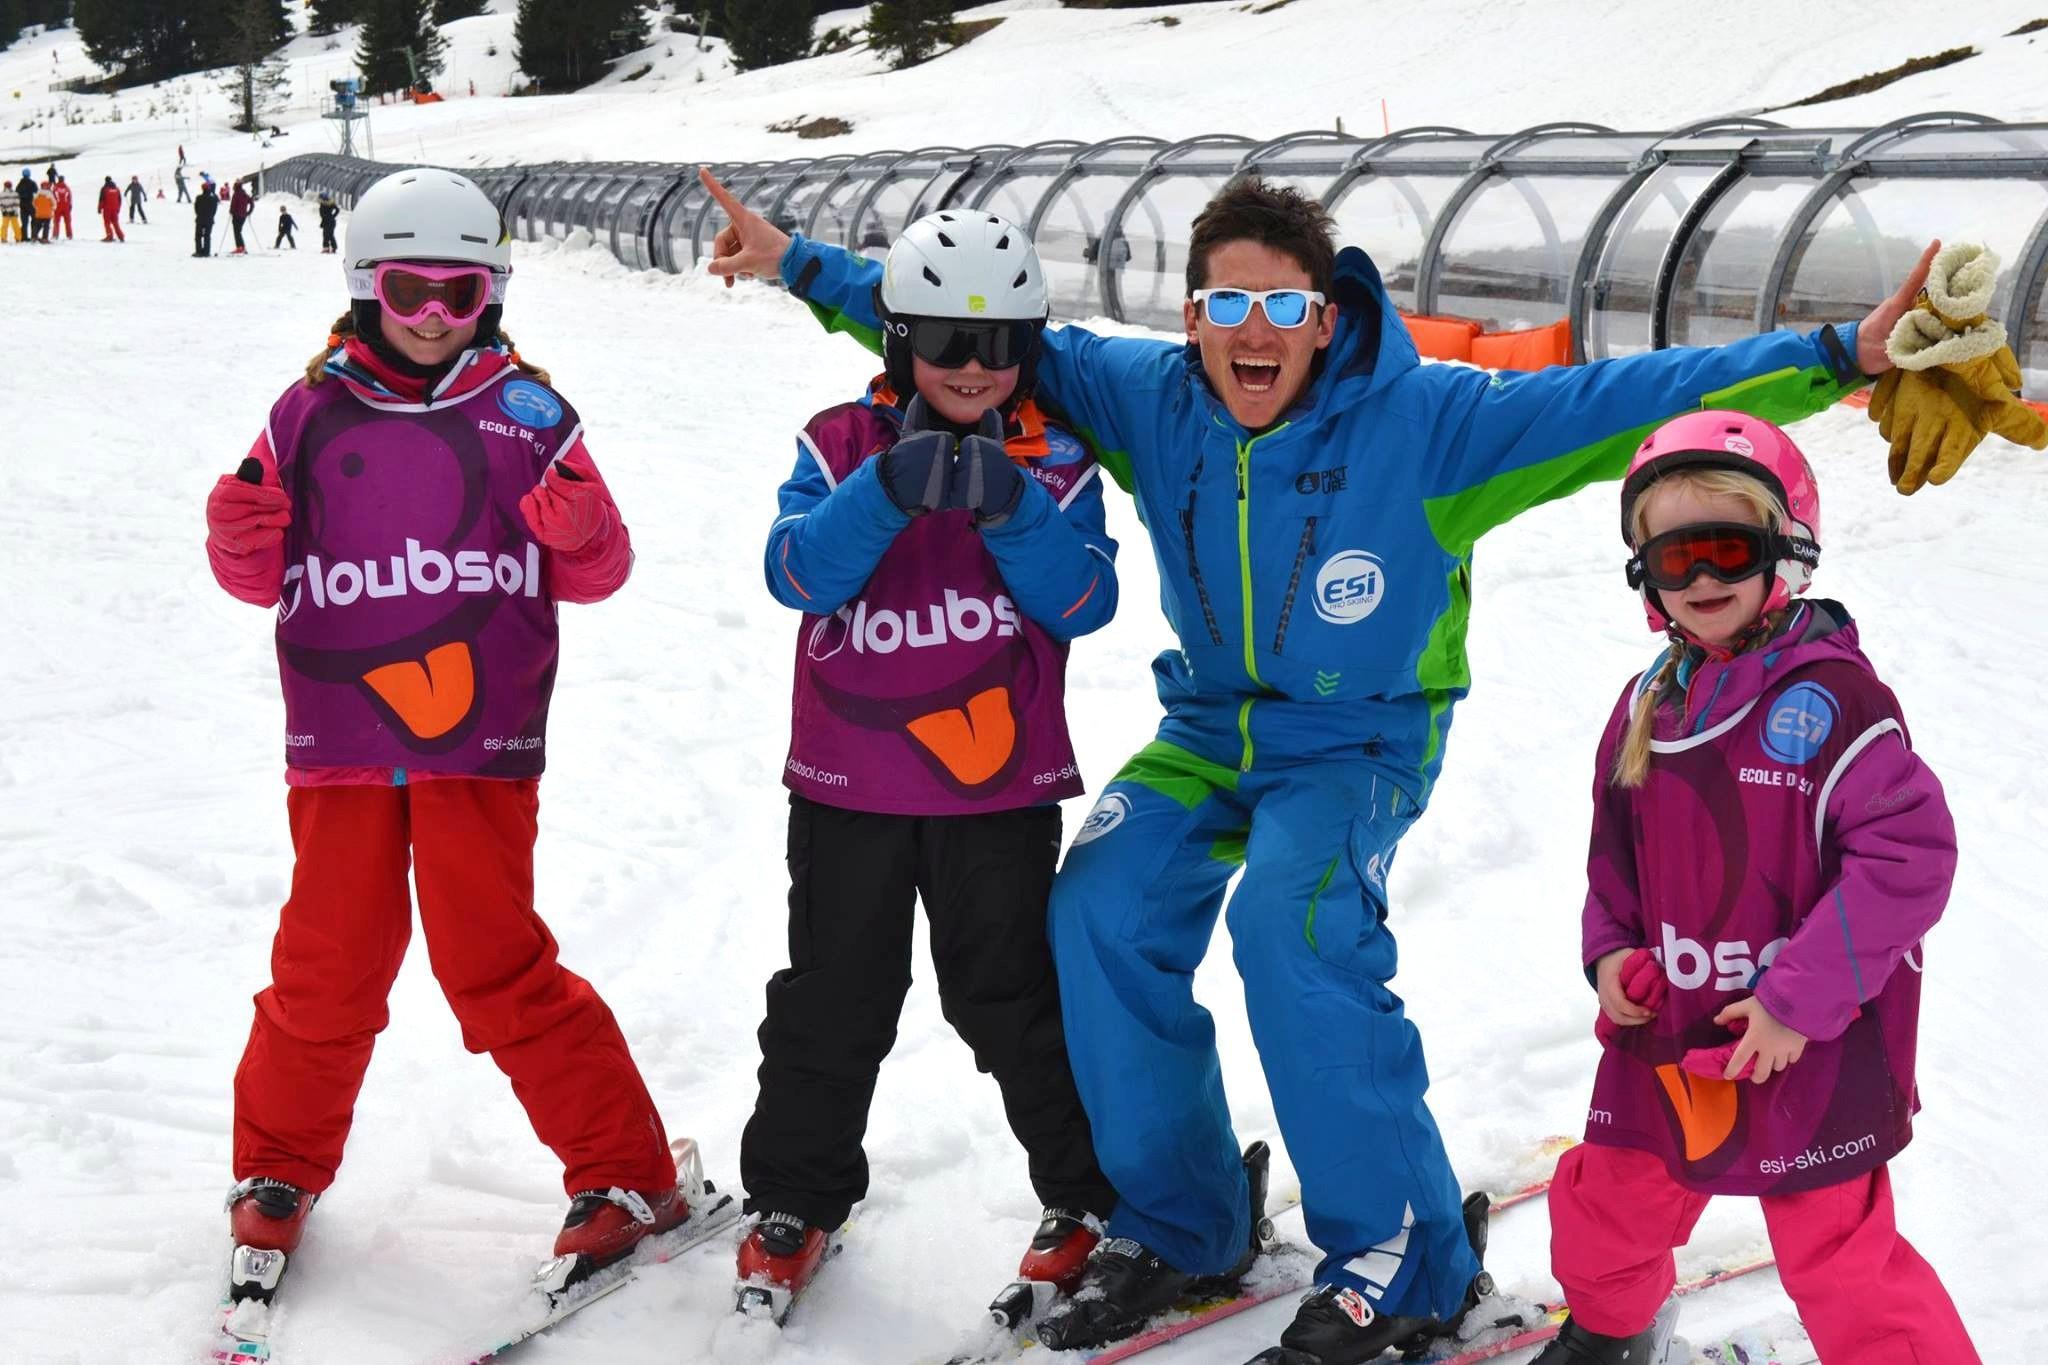 Cours de ski Enfants (6-12 ans) - Février